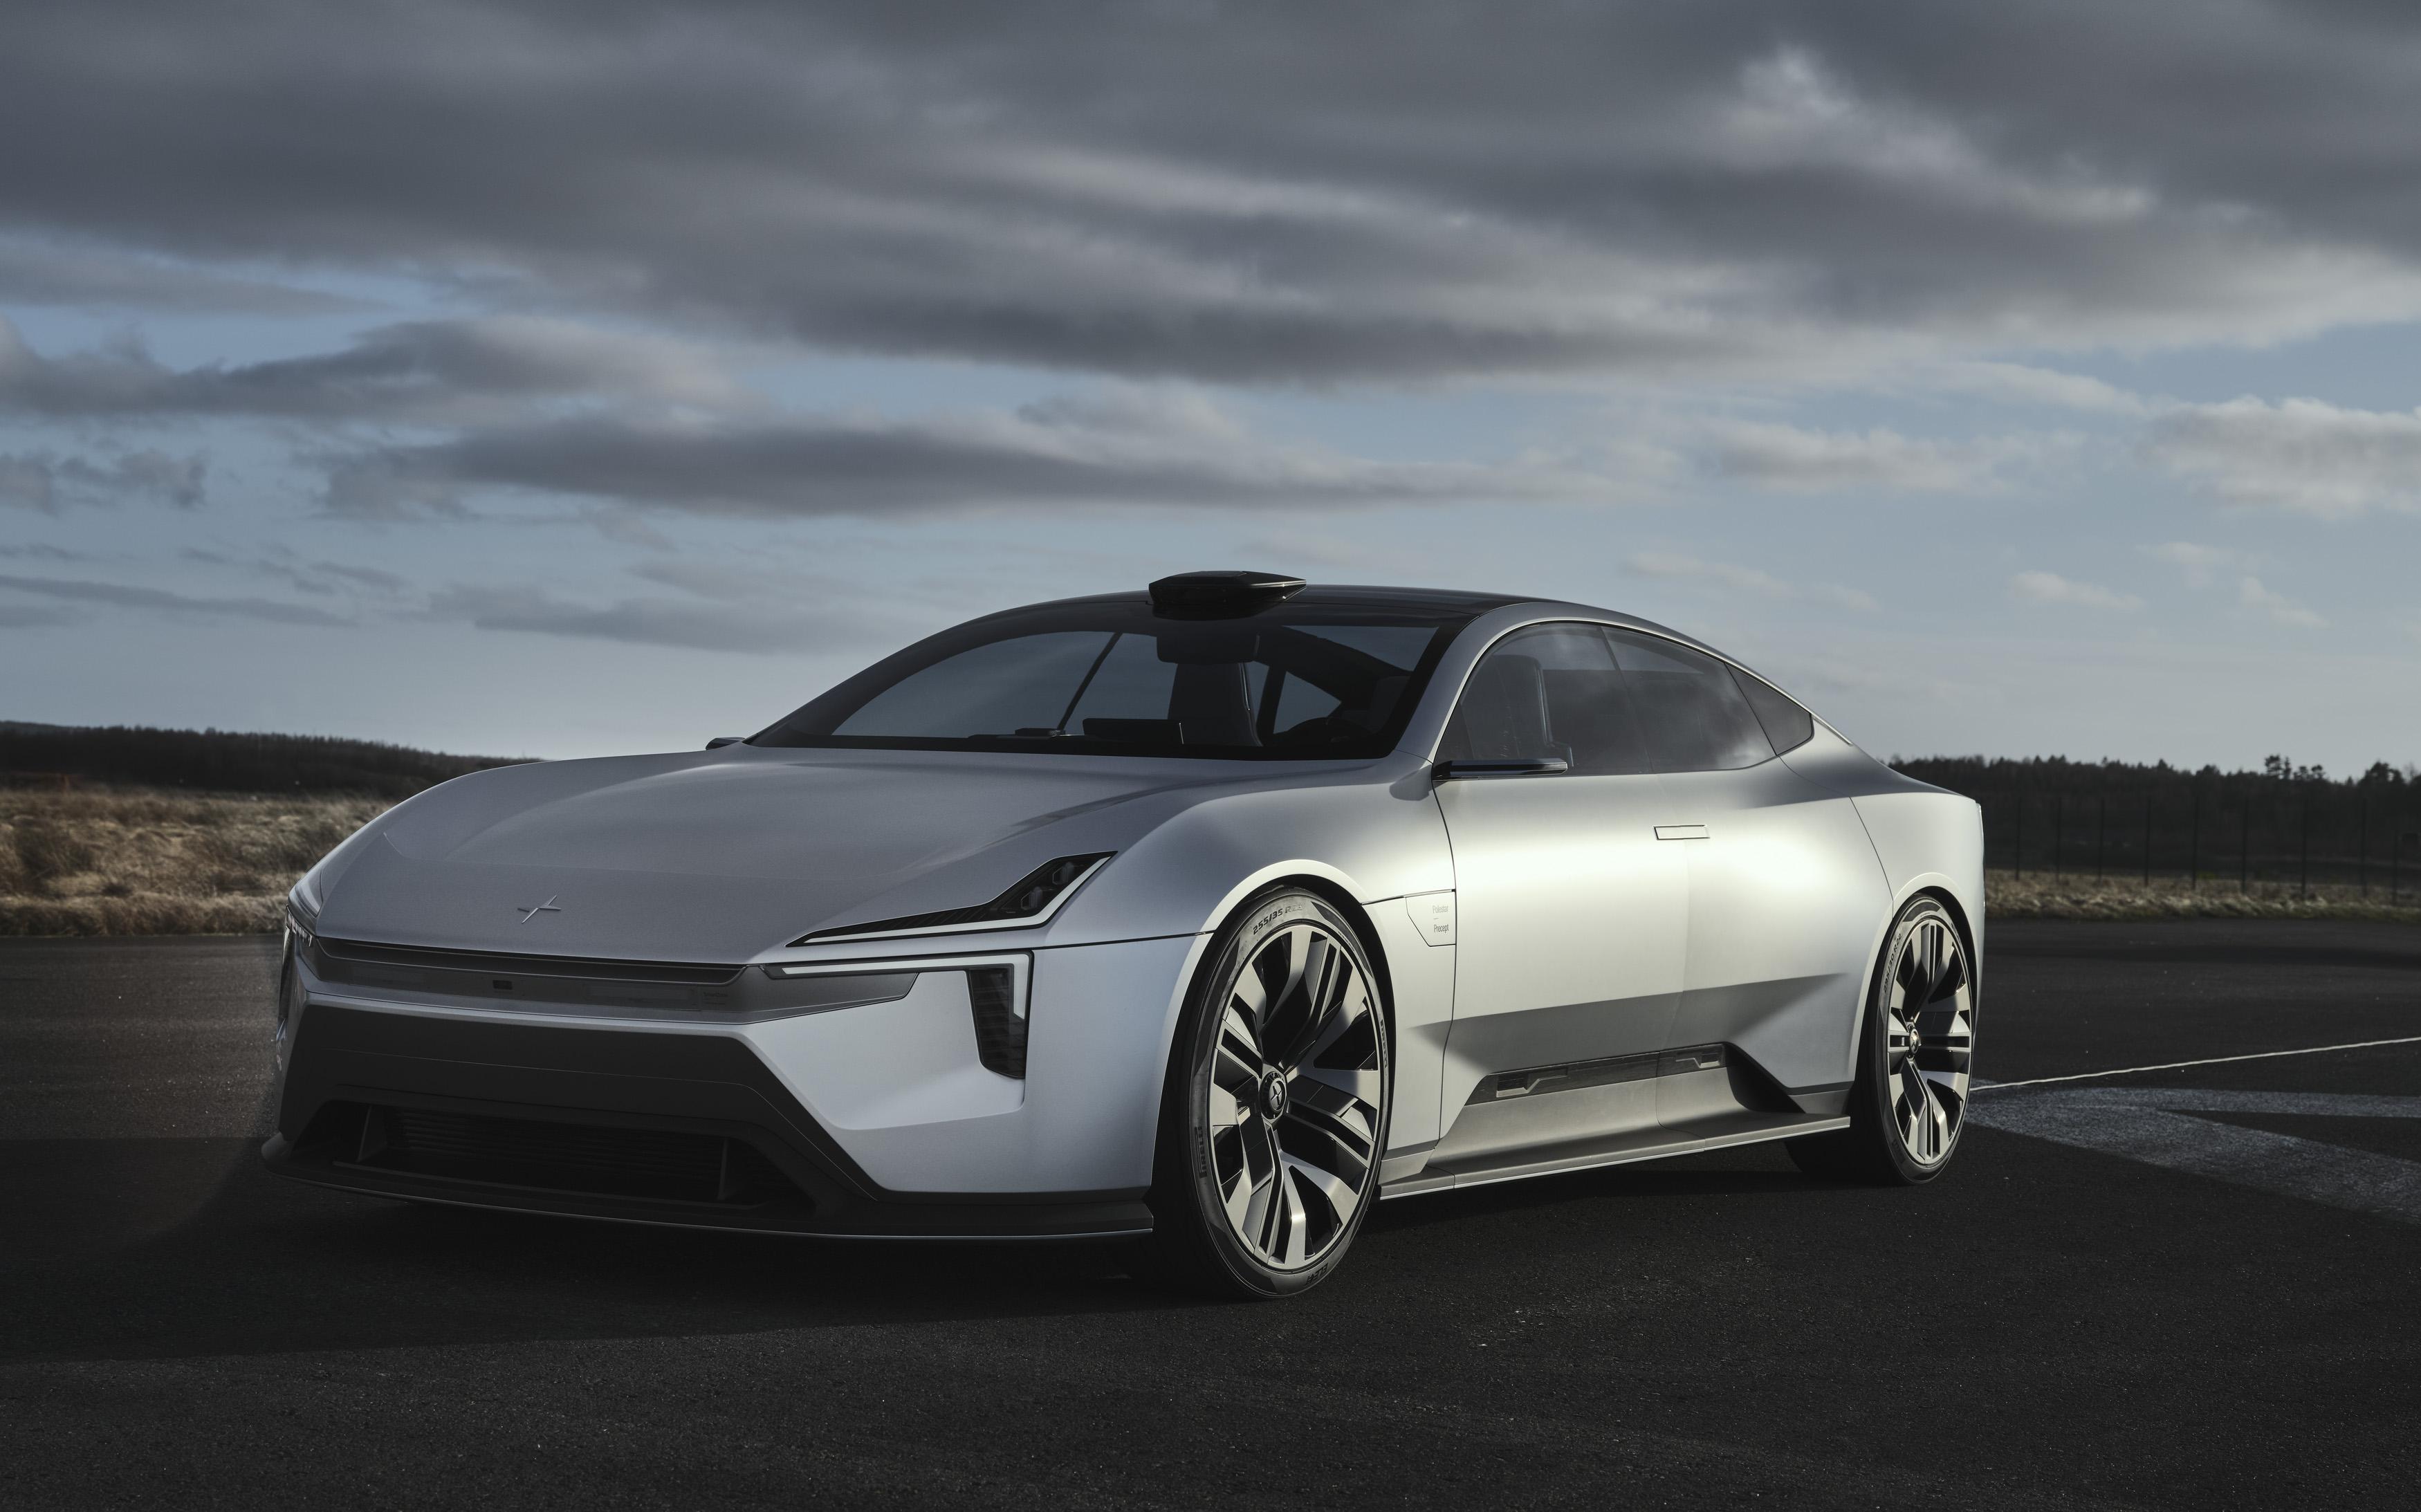 Polestar confirms Precept concept to rival Model S, Lucid Air